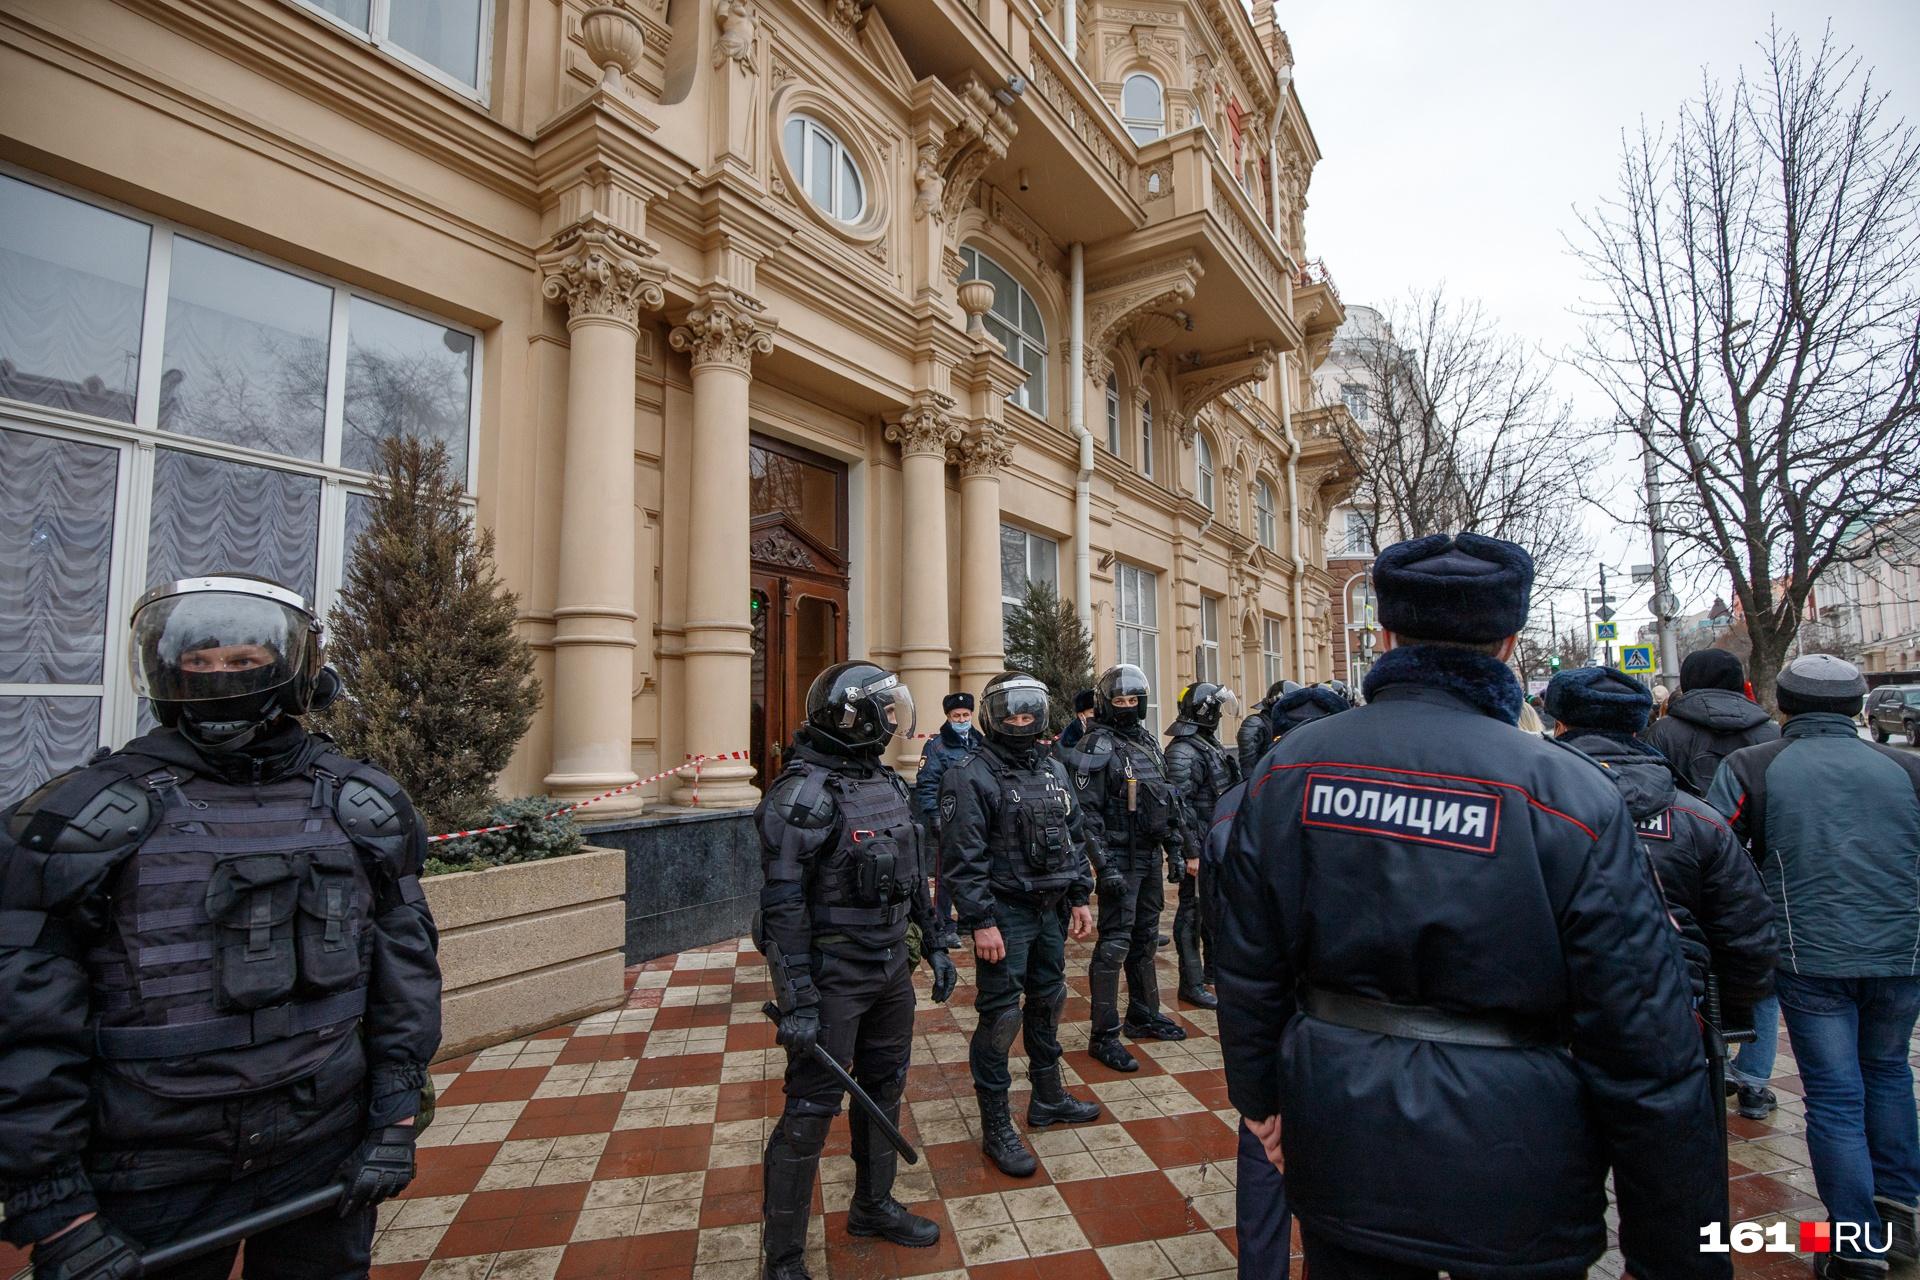 Полицейские и росгвардейцы оцепили здание ростовской администрации